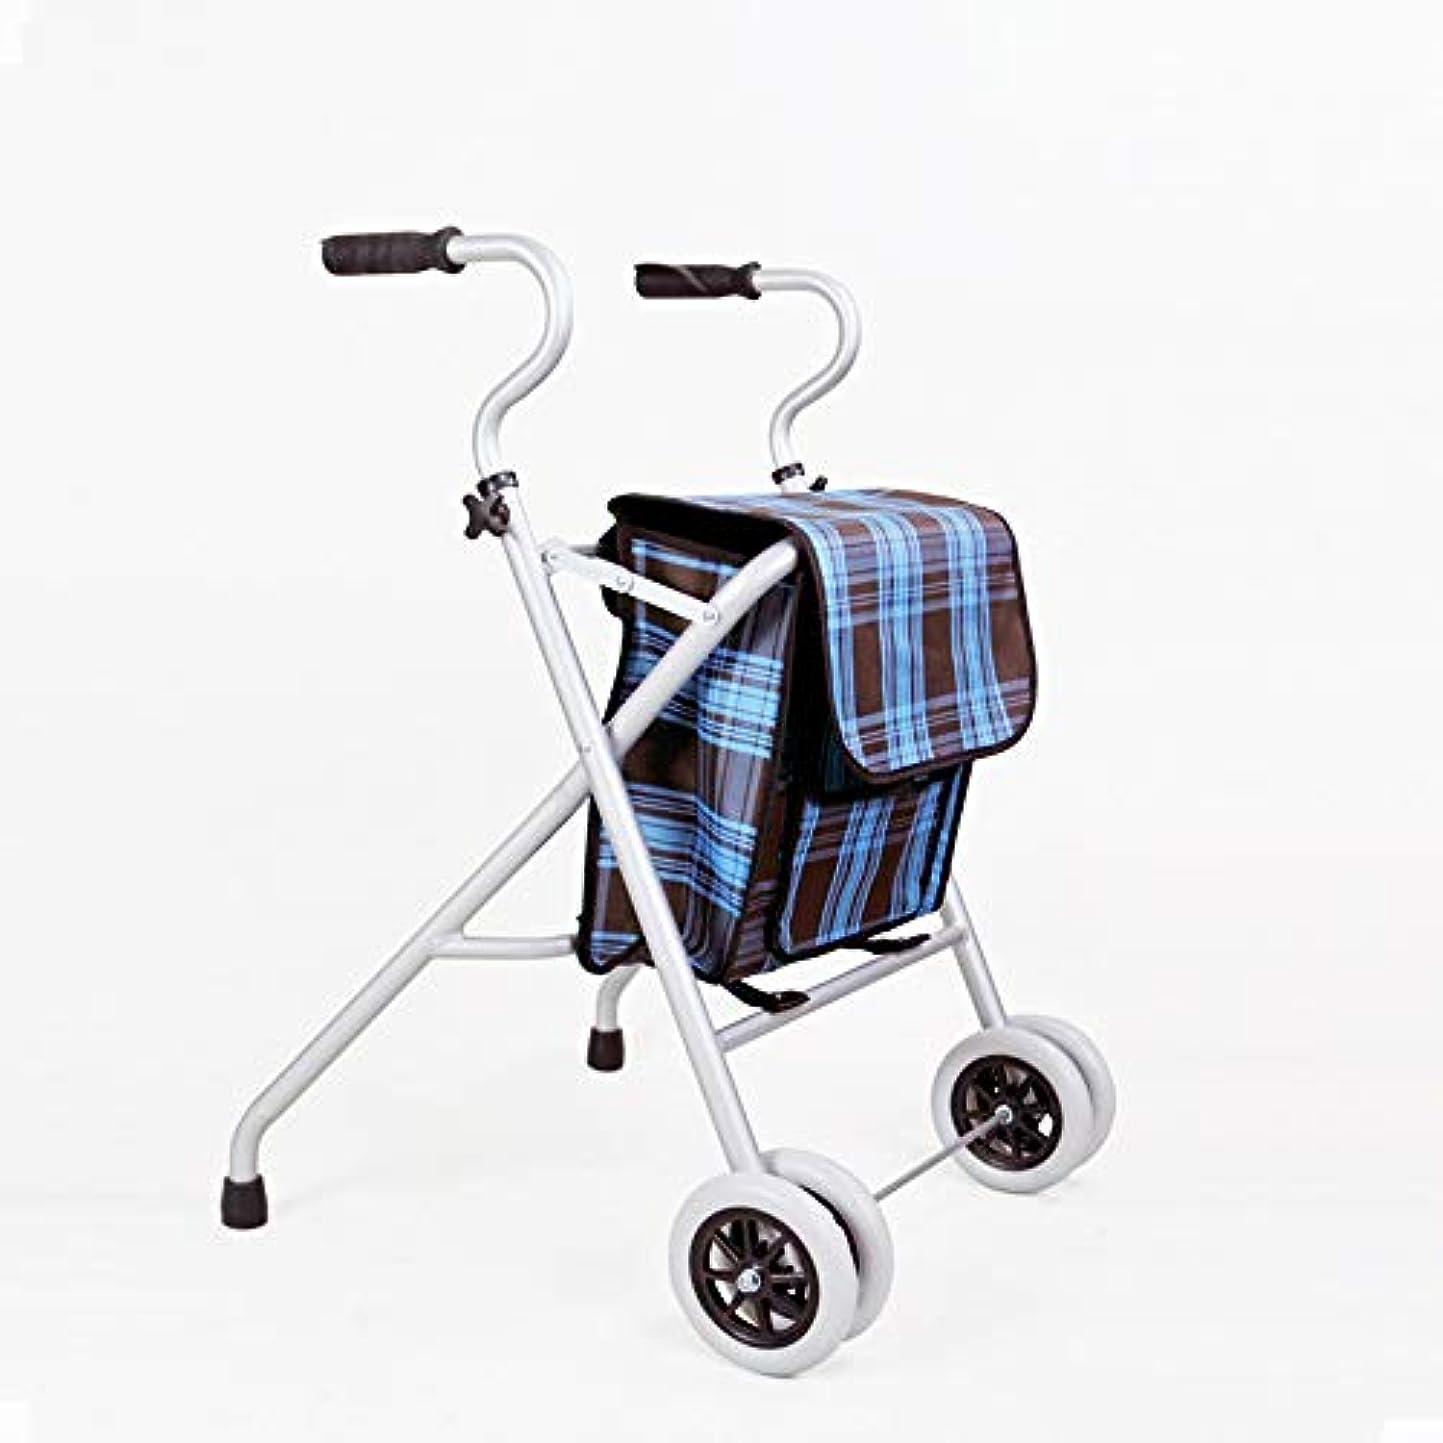 キャリーバッグ付き軽量アルミニウム折りたたみ式歩行器、高さ調節可能、移動補助具